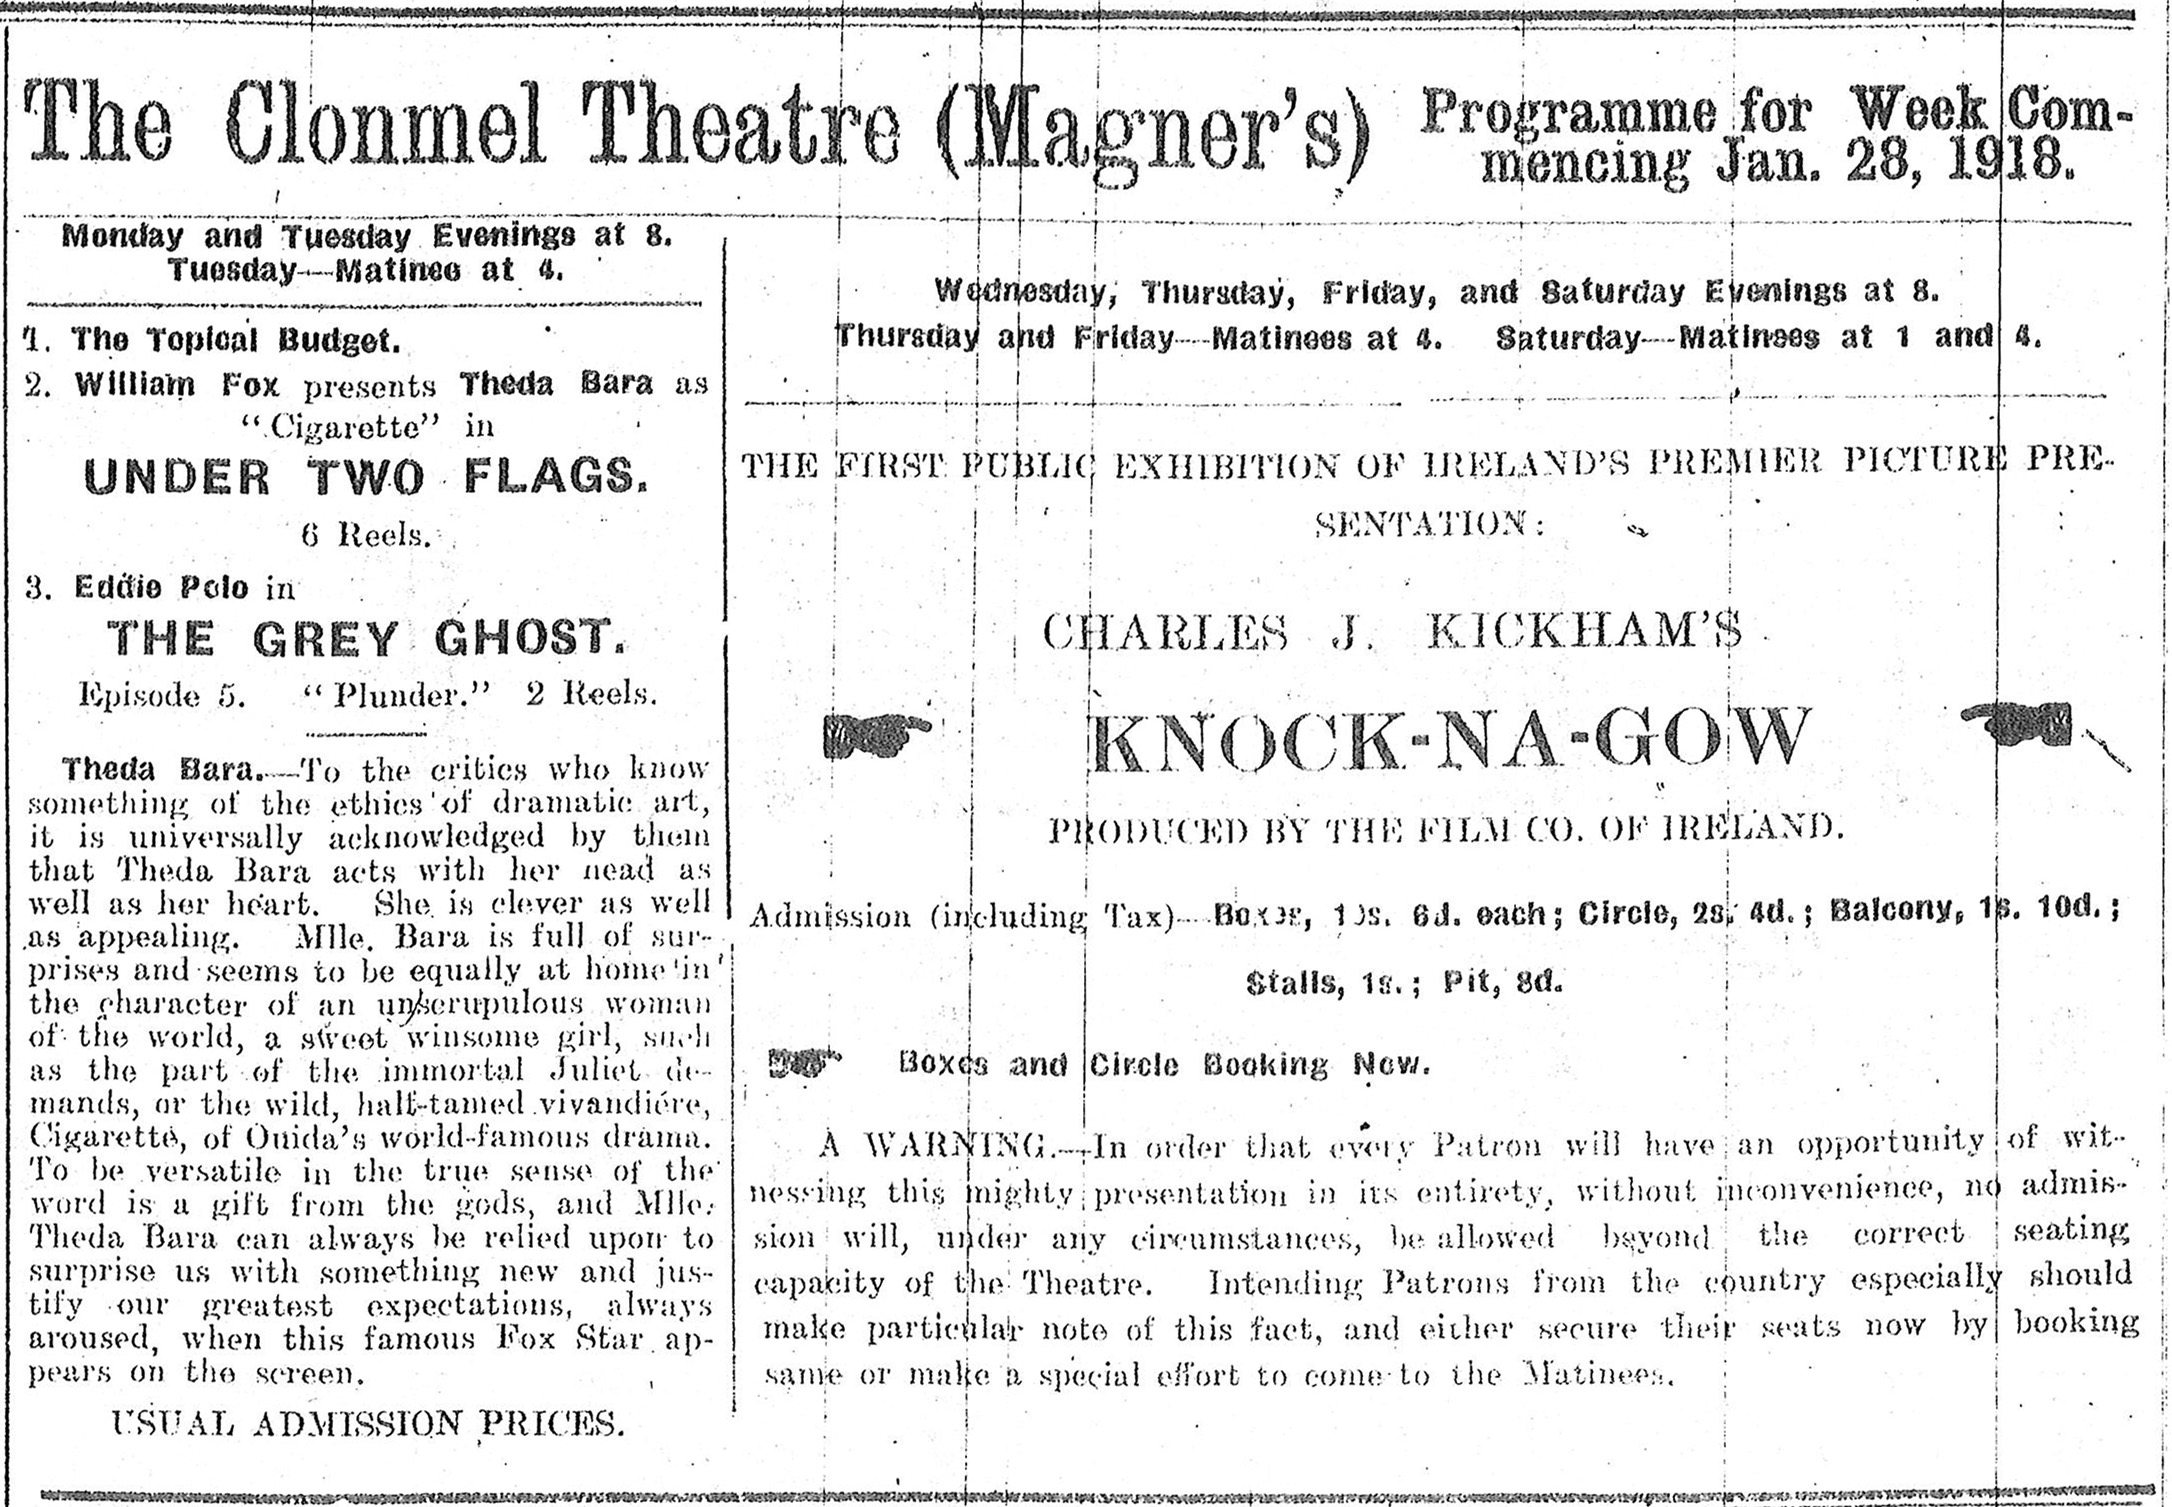 Early Irish Cinema | What\'s On in Irish Cinemas – 100 Years Ago